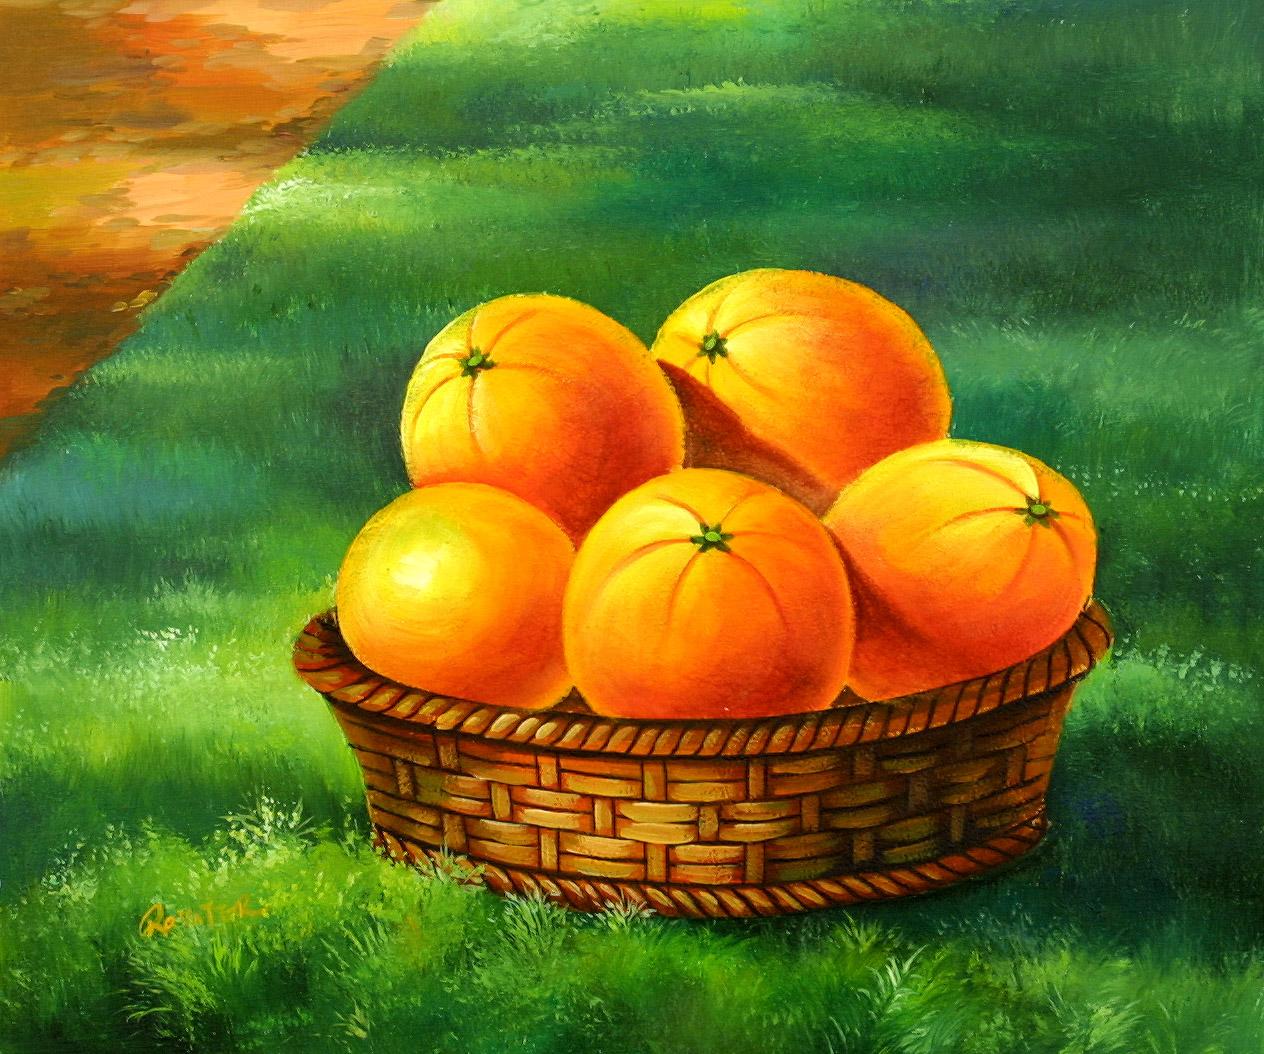 A Basket Of Oranges